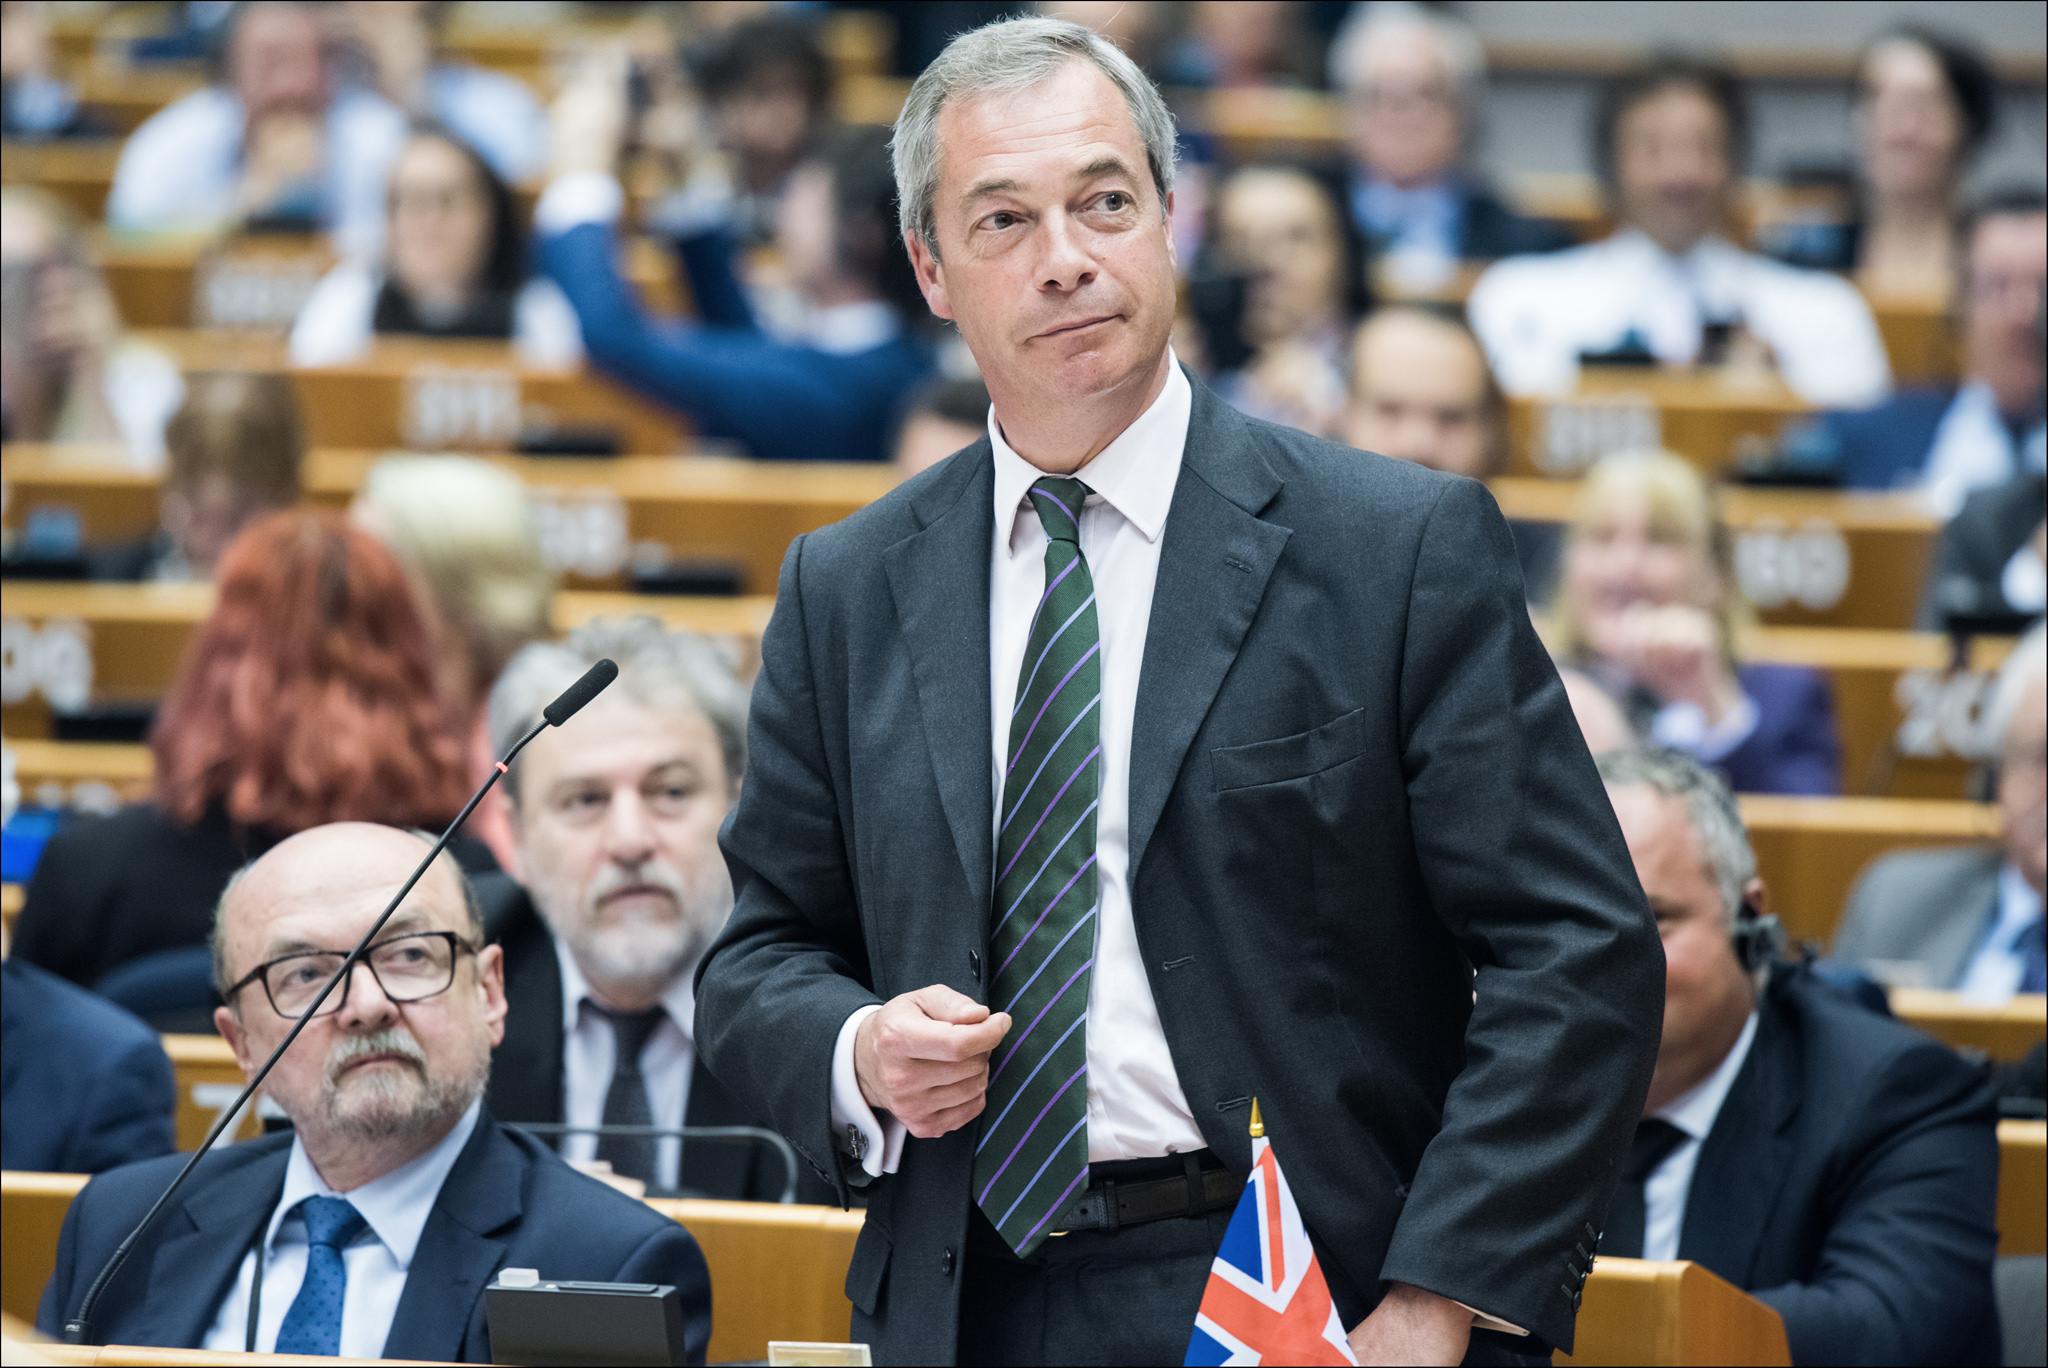 European Parliament  publicada en Flickr bajo licencia CC